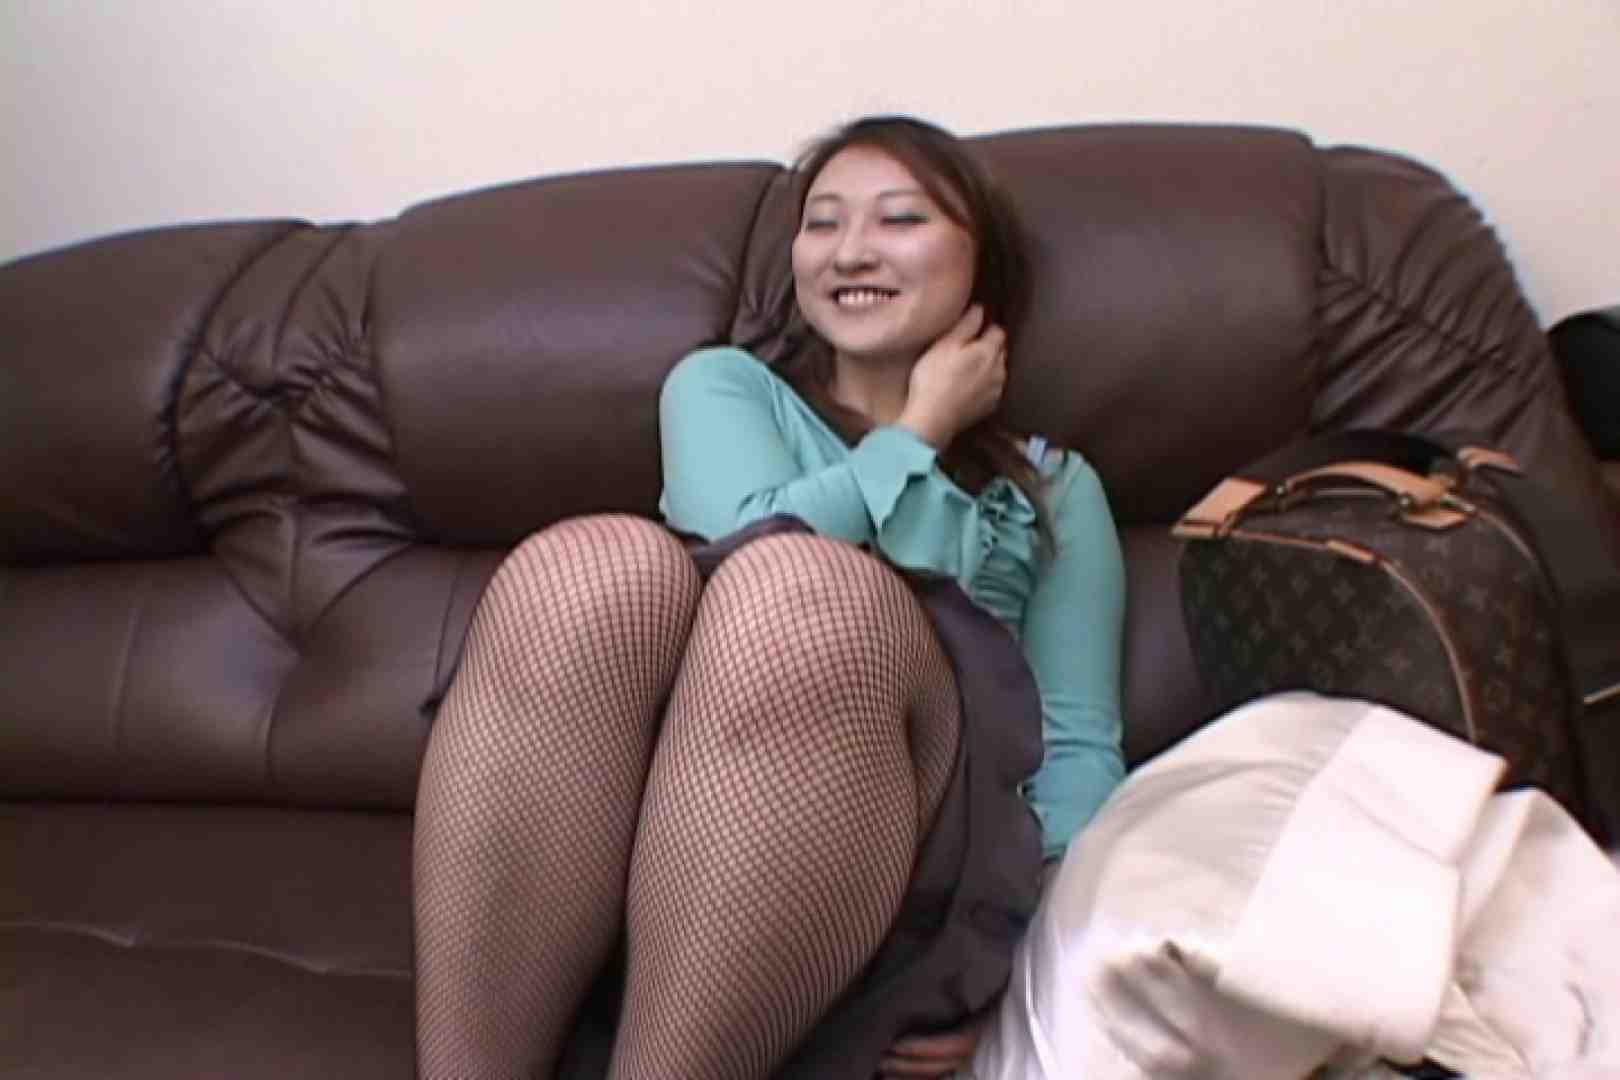 オナニー好きの綺麗なお姉さんと楽しくSEX~姫野あかね~ ローター オメコ無修正動画無料 83枚 45